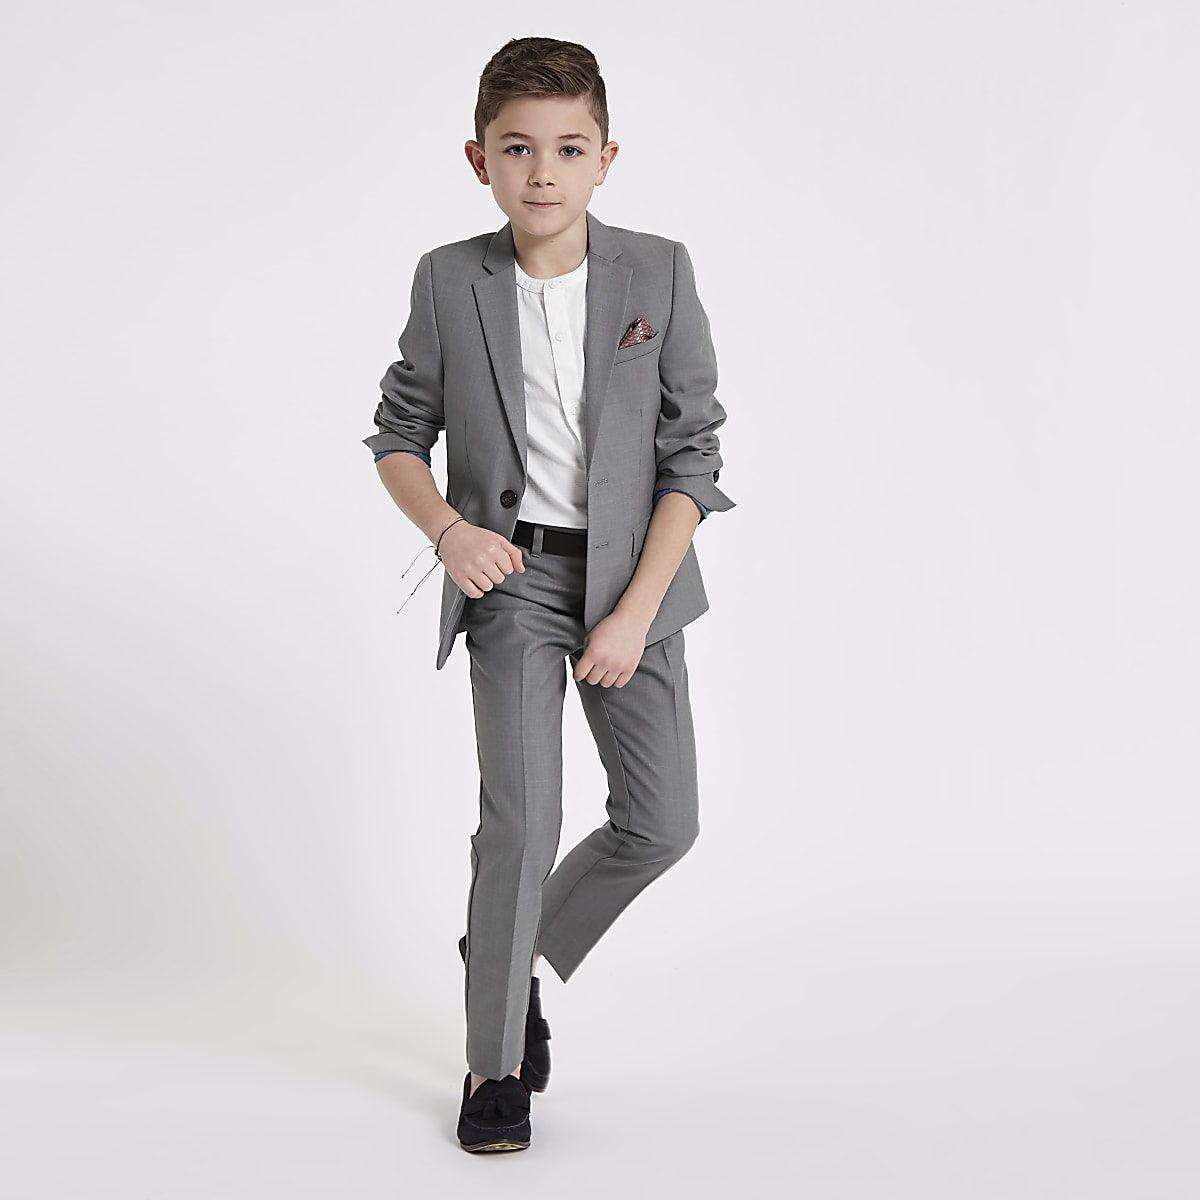 Veste de blazer grise pour garçon